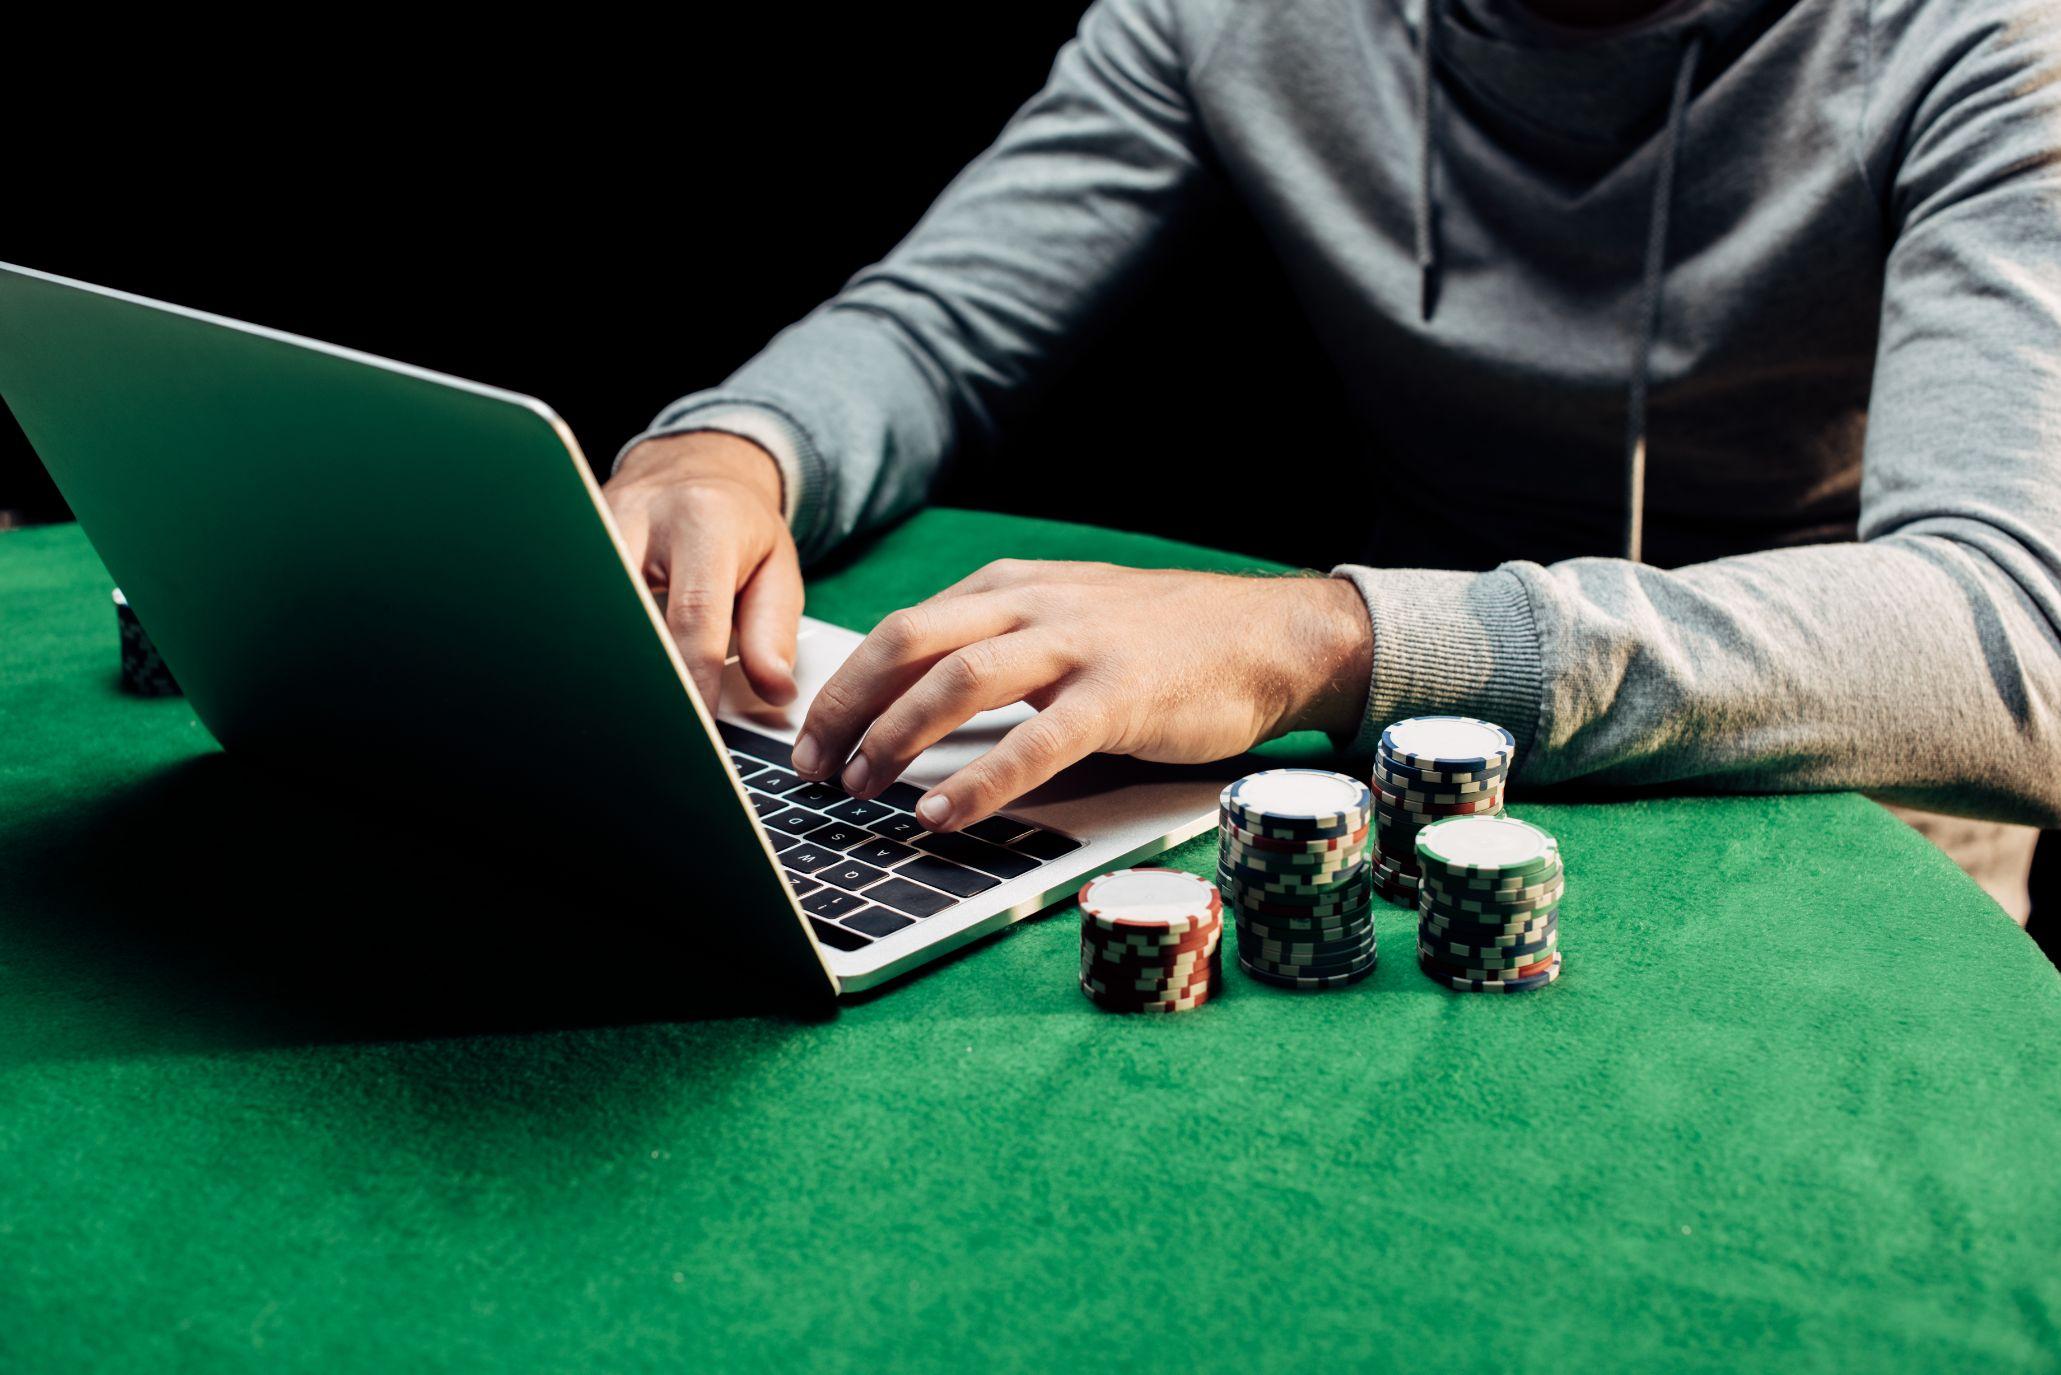 Miten tunnistaa markkinoiden parhaimmat Pay N Play kasinot vuonna 2021?